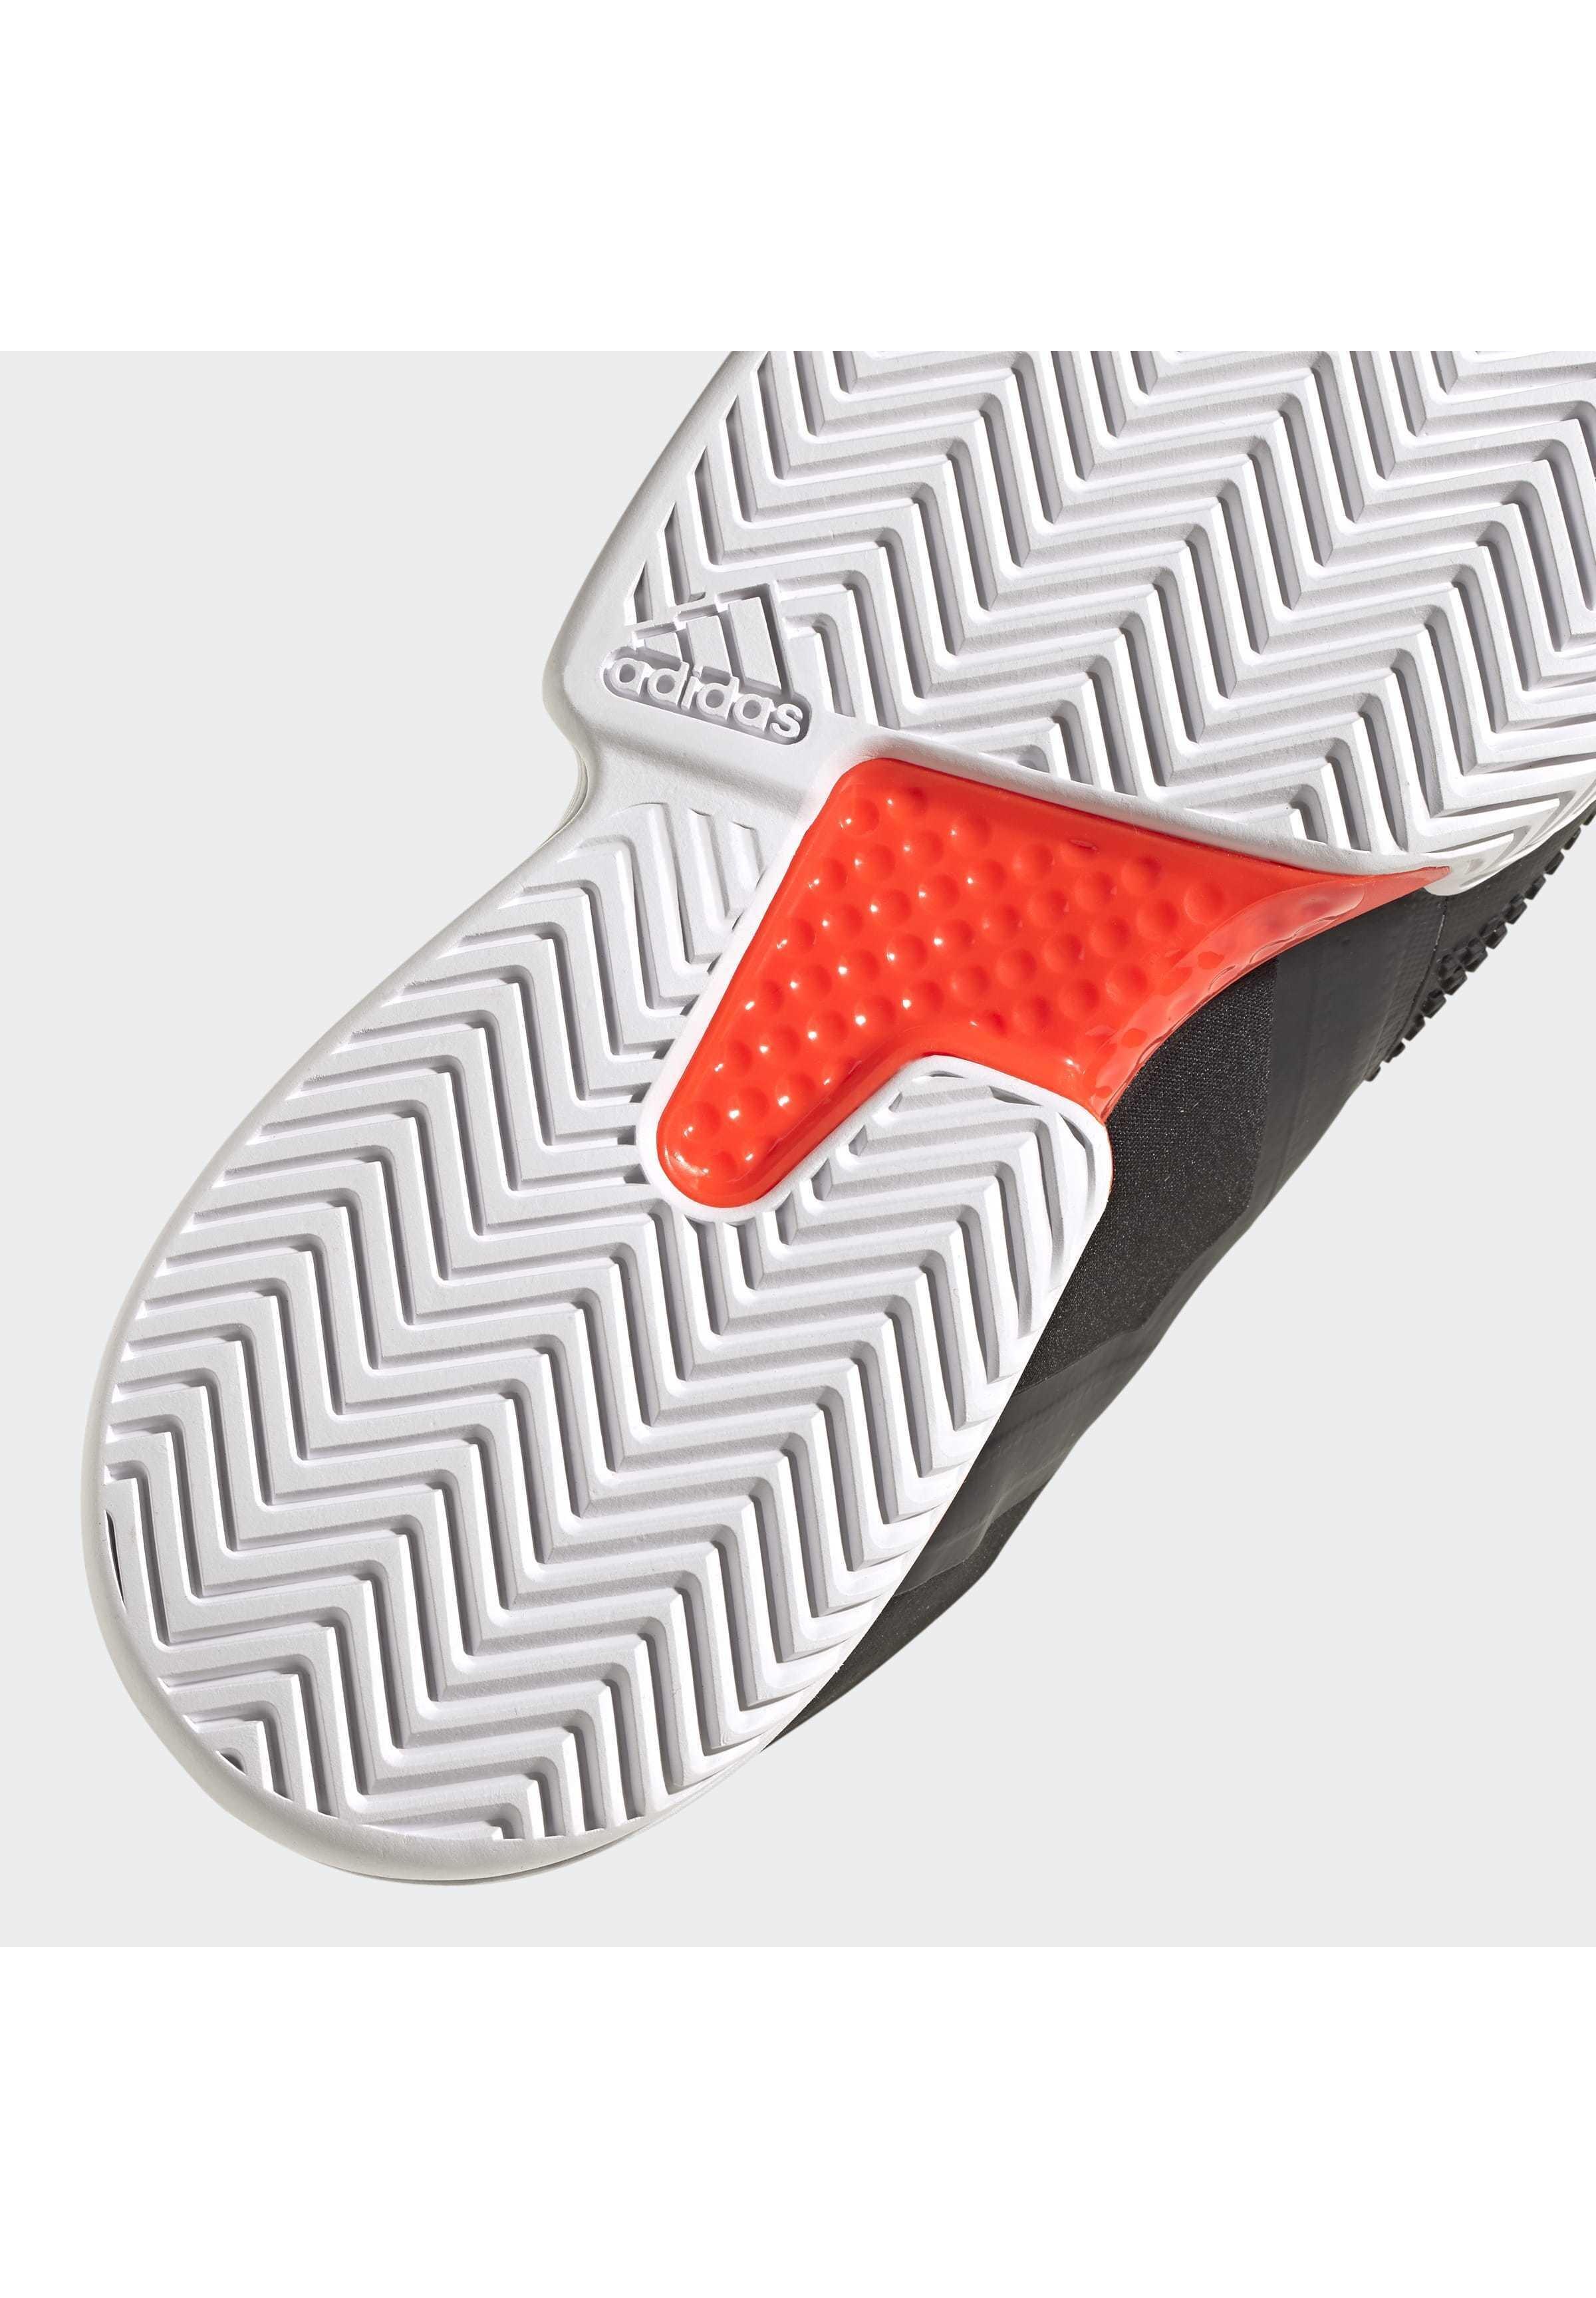 Adidas Performance Solematch Bounce Hard Court Shoes - Tennisschoenen Voor Kleibanen Black Goedkope Schoenen